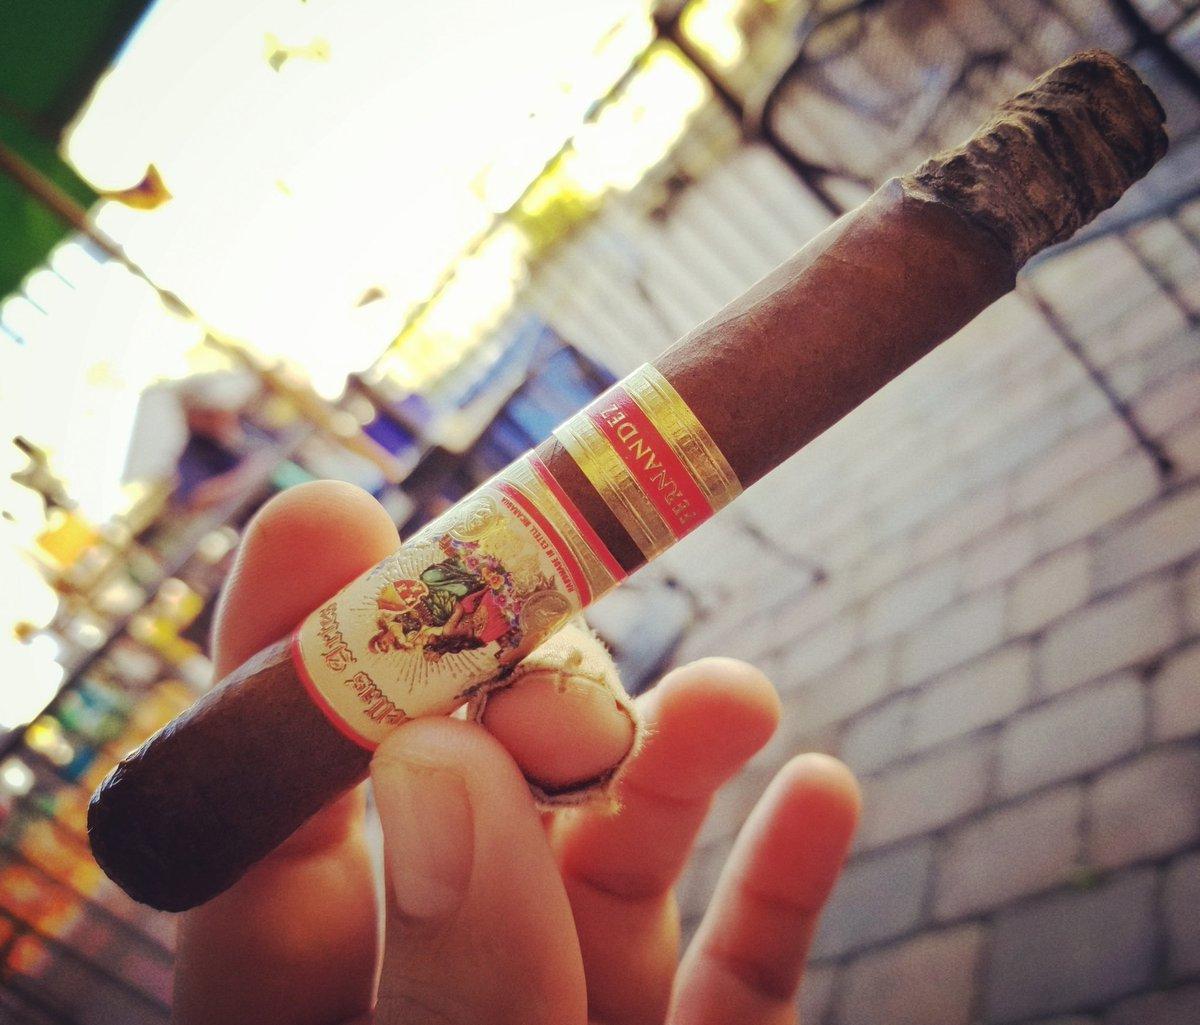 #BellasArtes by #AJFernandez -- a great #cigar! Laissez les bon temps rouler! #MardiGras #PalmCoast  - FestivalFocus